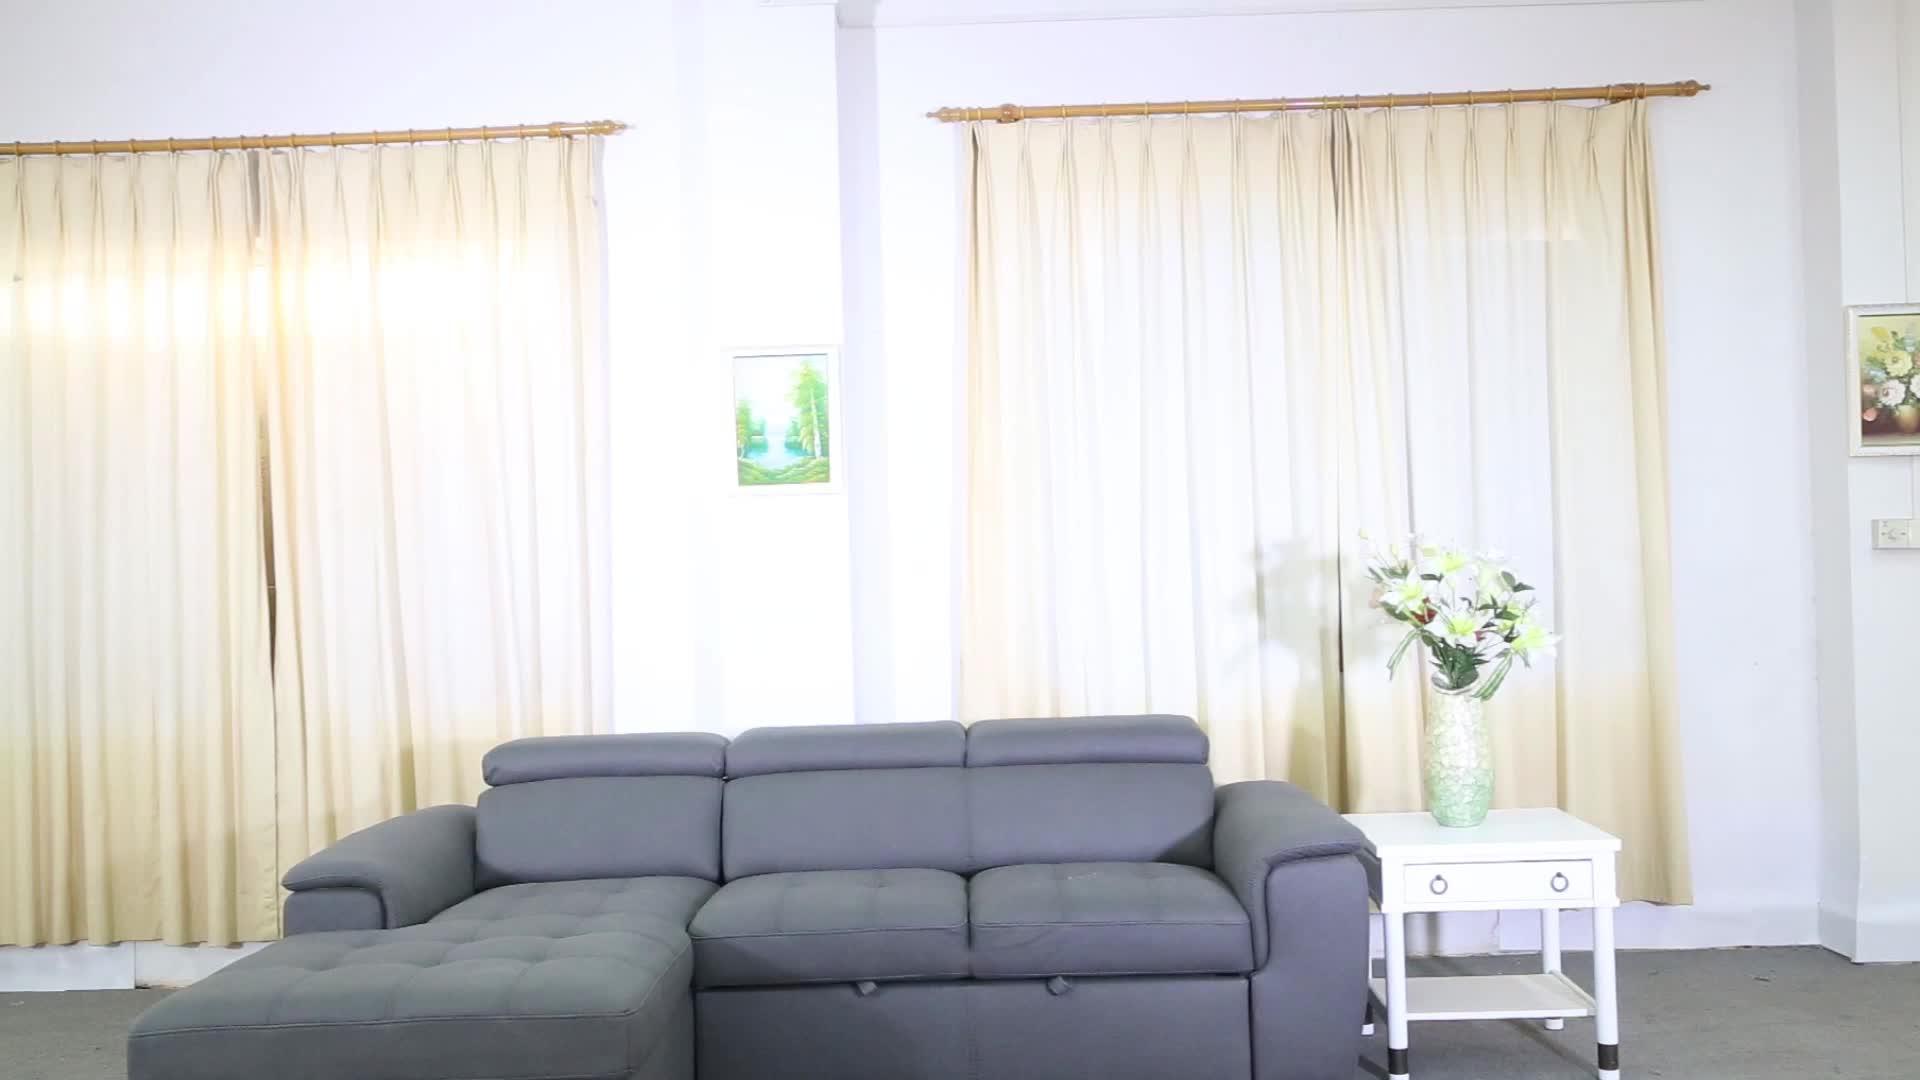 Capri 2 Modern ev mobilyası L şekilli uzanma kanepesi oturma odası için set